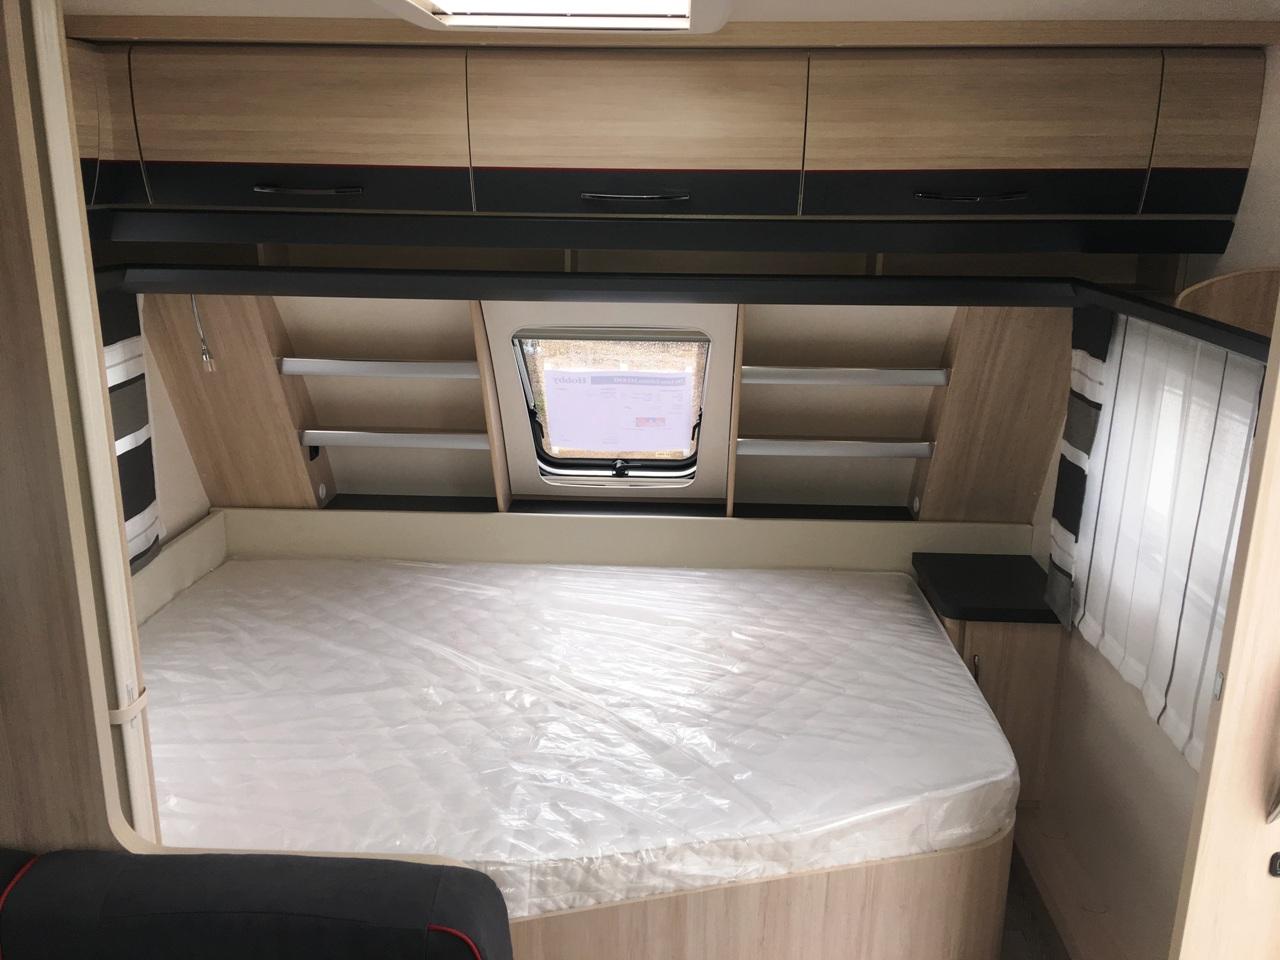 Wassercamper | Das feste Doppelbett im vorderen Bereich des Wohnwagen | Camping auf dem Wasser